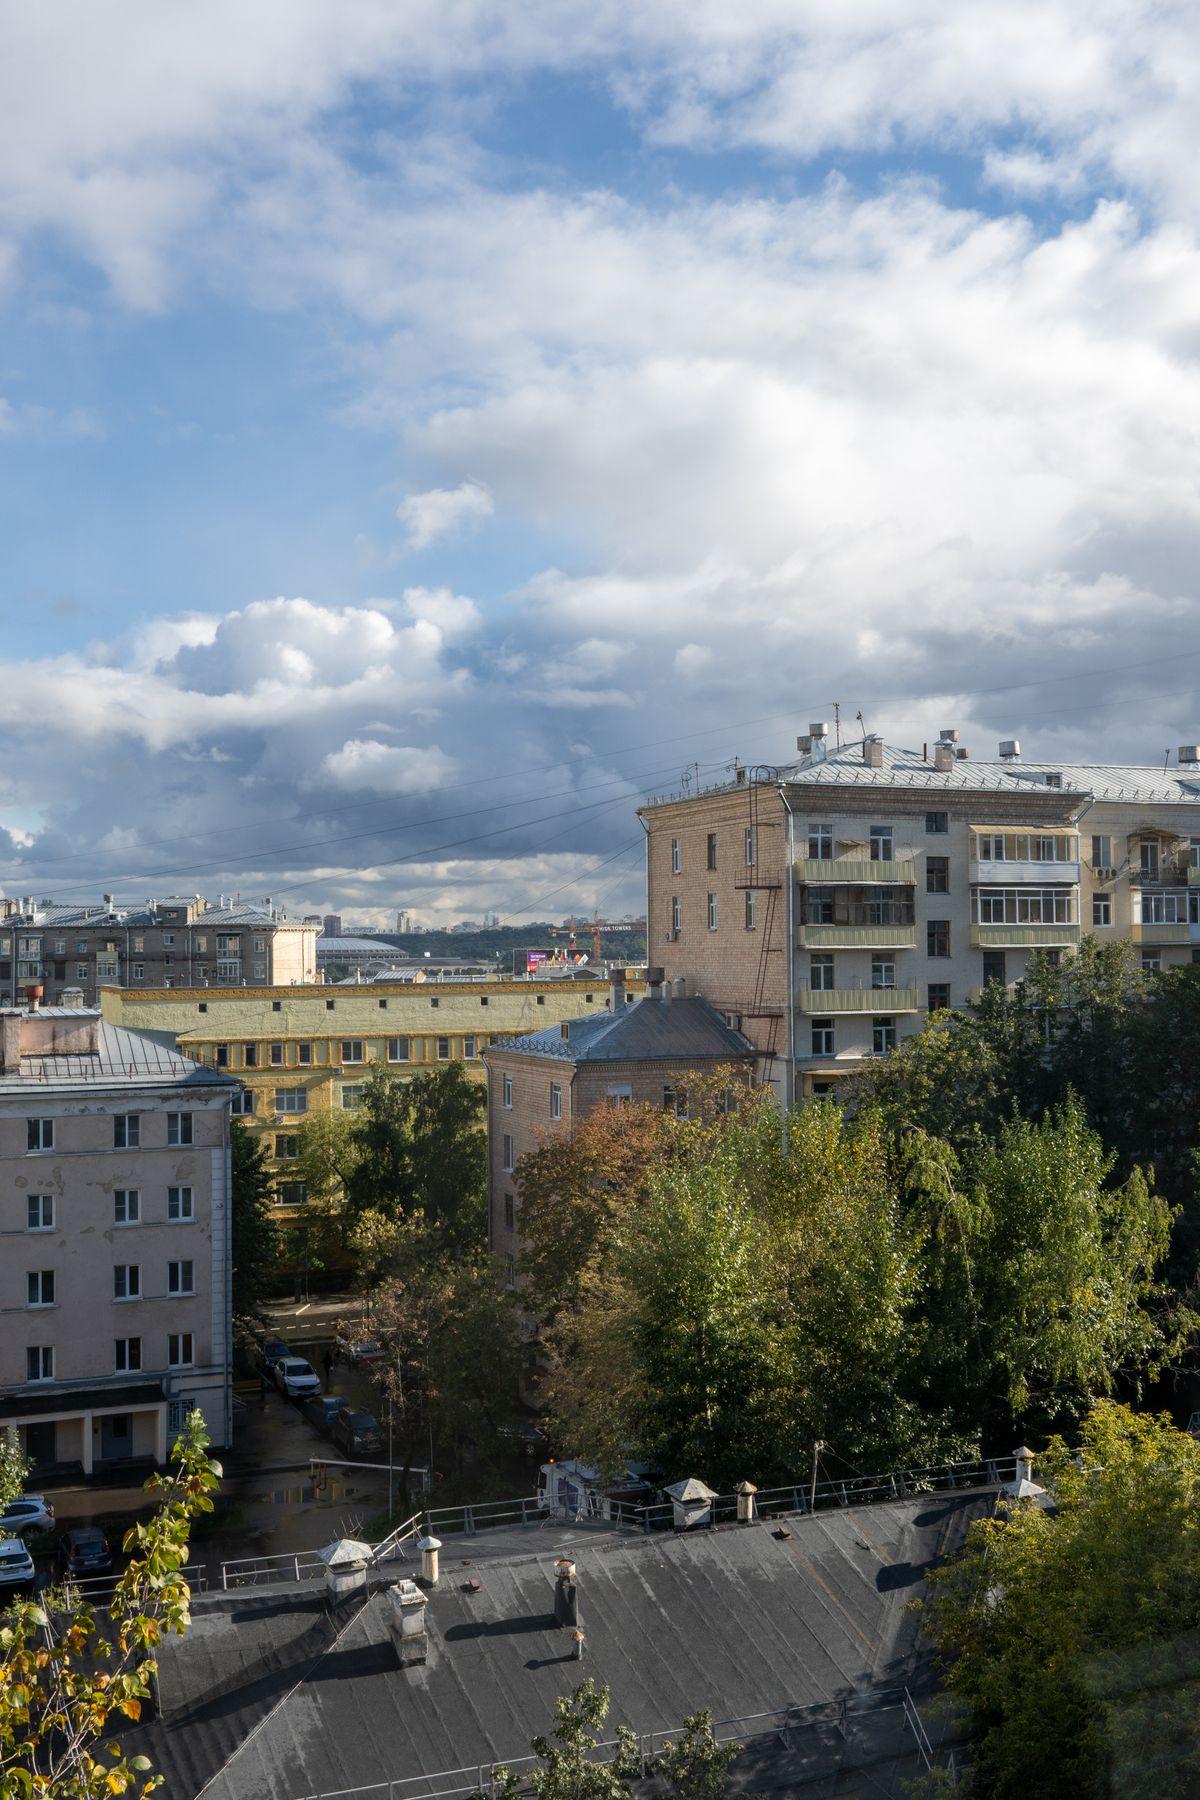 Москва сентябрь 2021 москва небо вид из окна облака